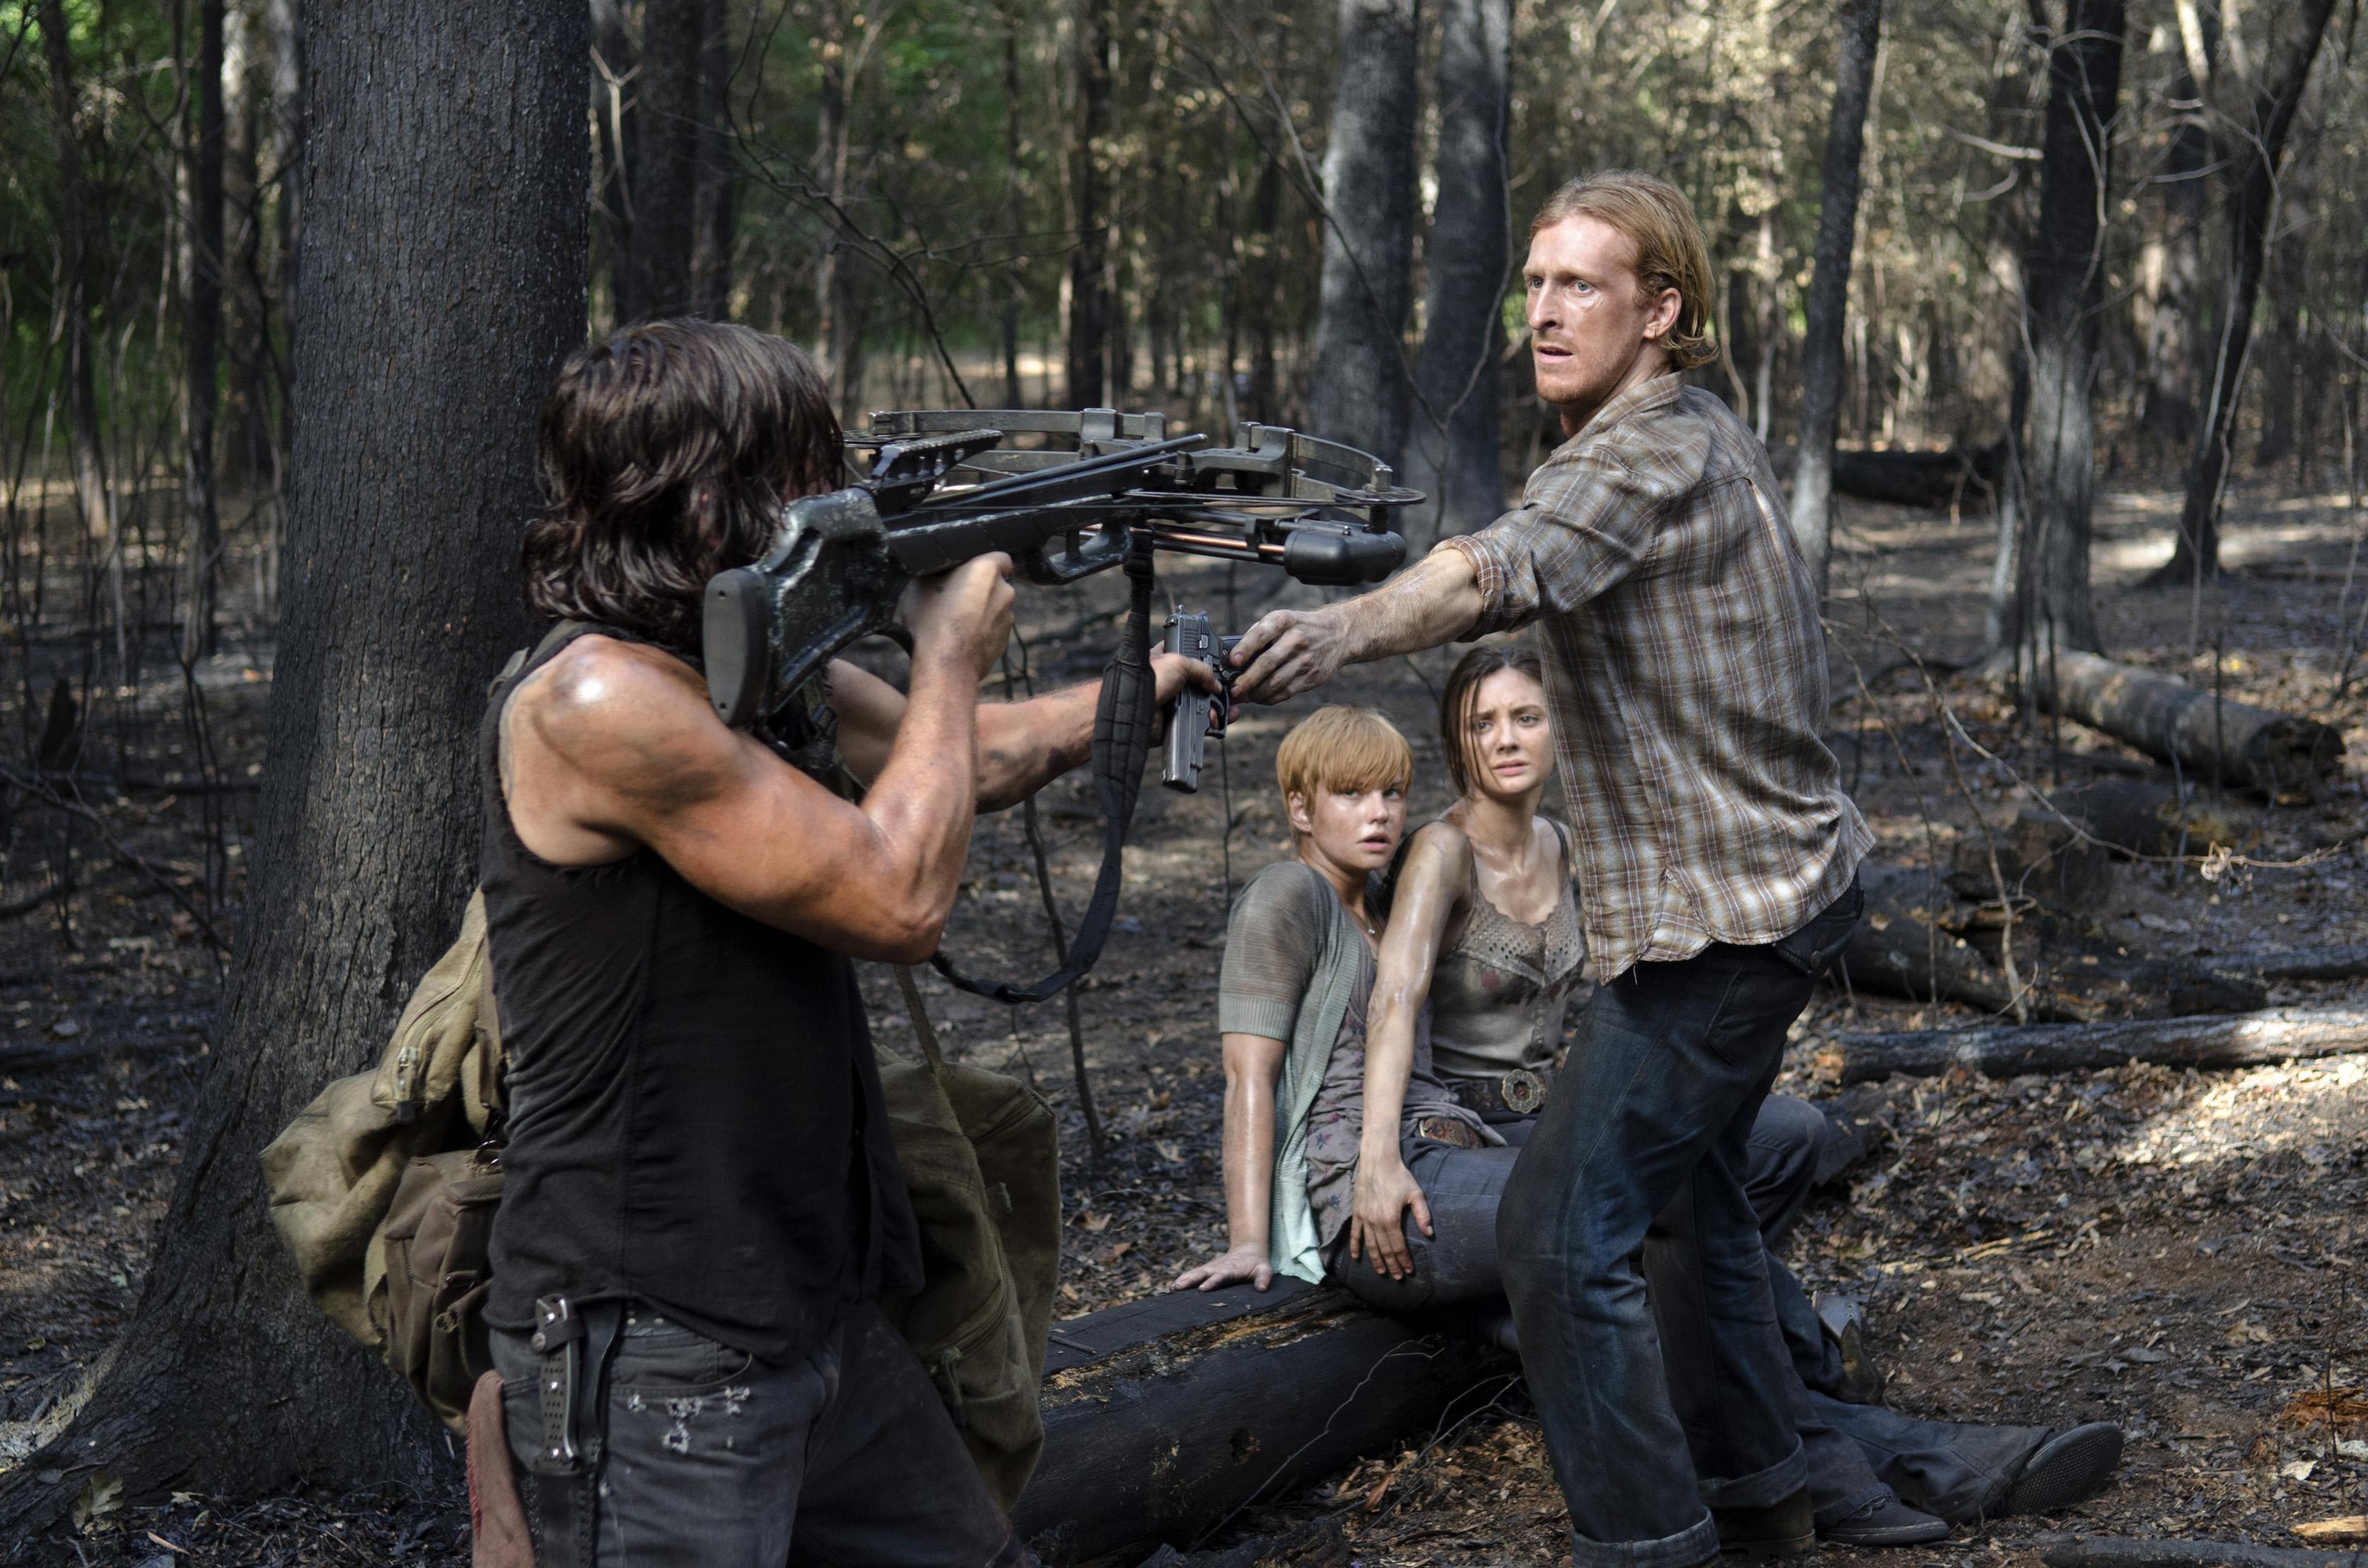 Daryl-Takes-Dwights-Gun-in-The-Walking-Dead-Season-6-Episode-6